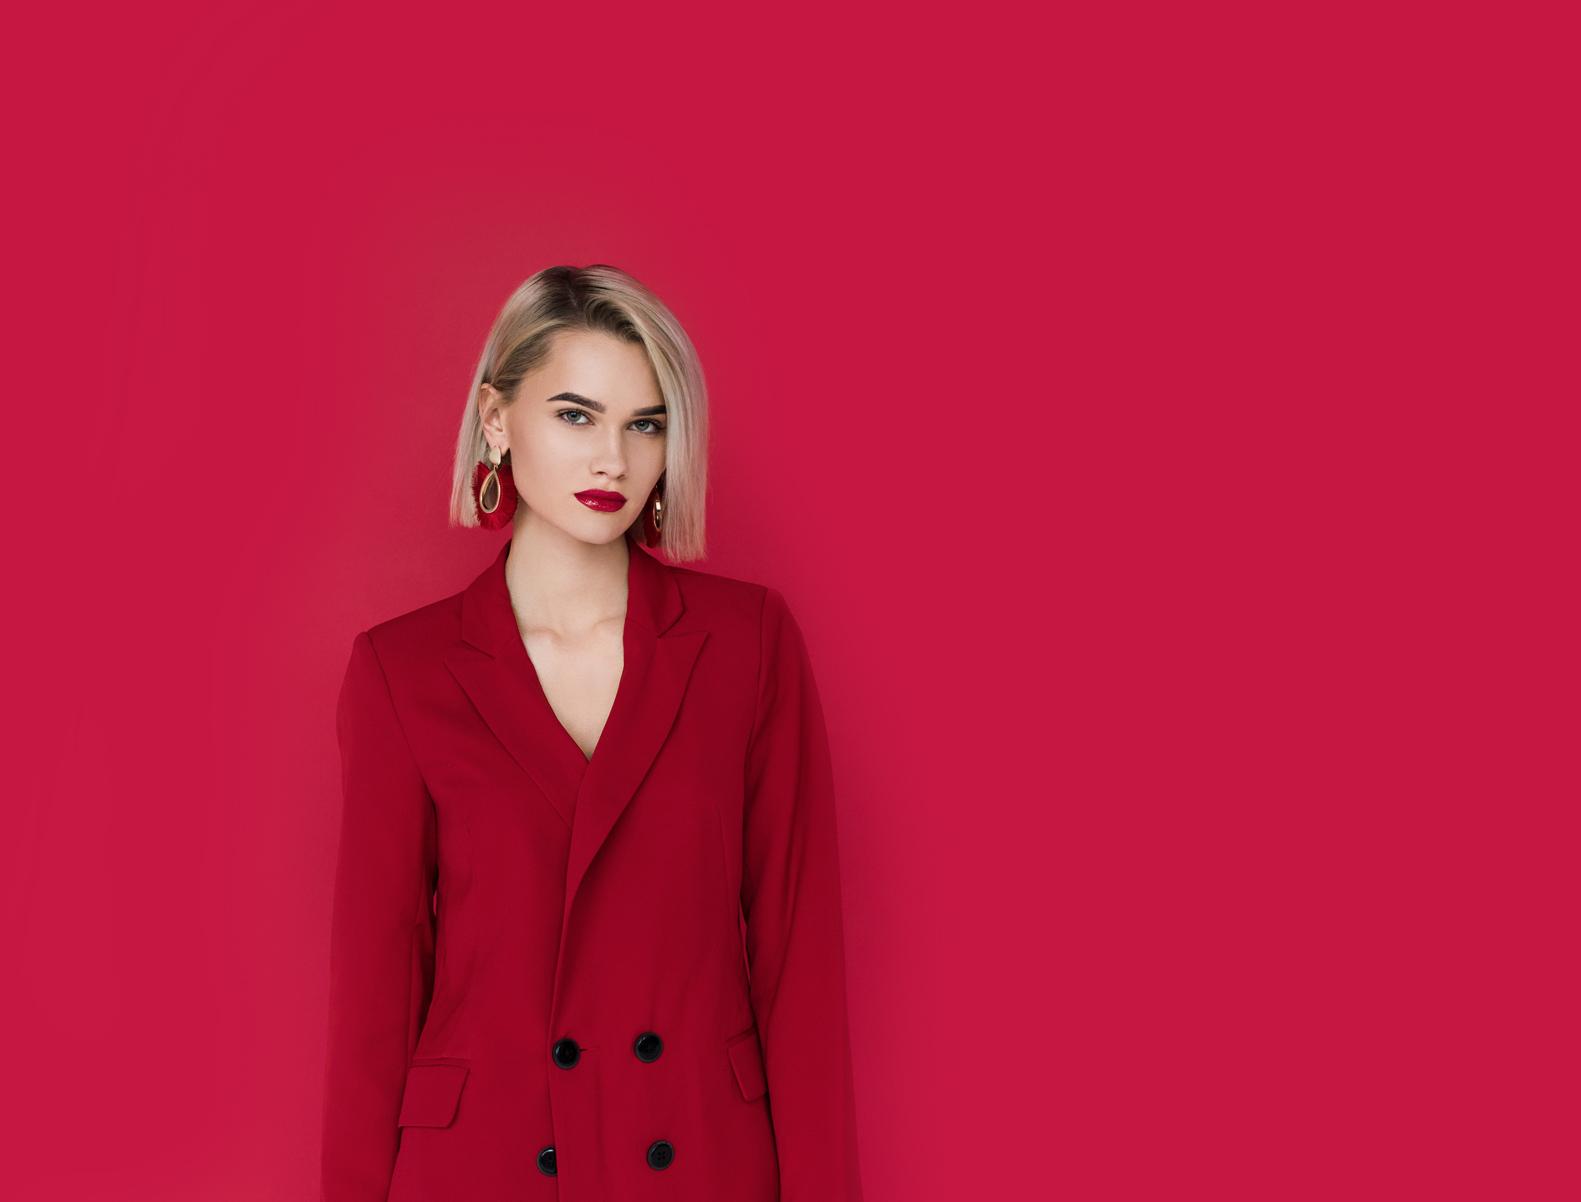 Секреты идеальной внешности — как правильно подобрать макияж изоражения